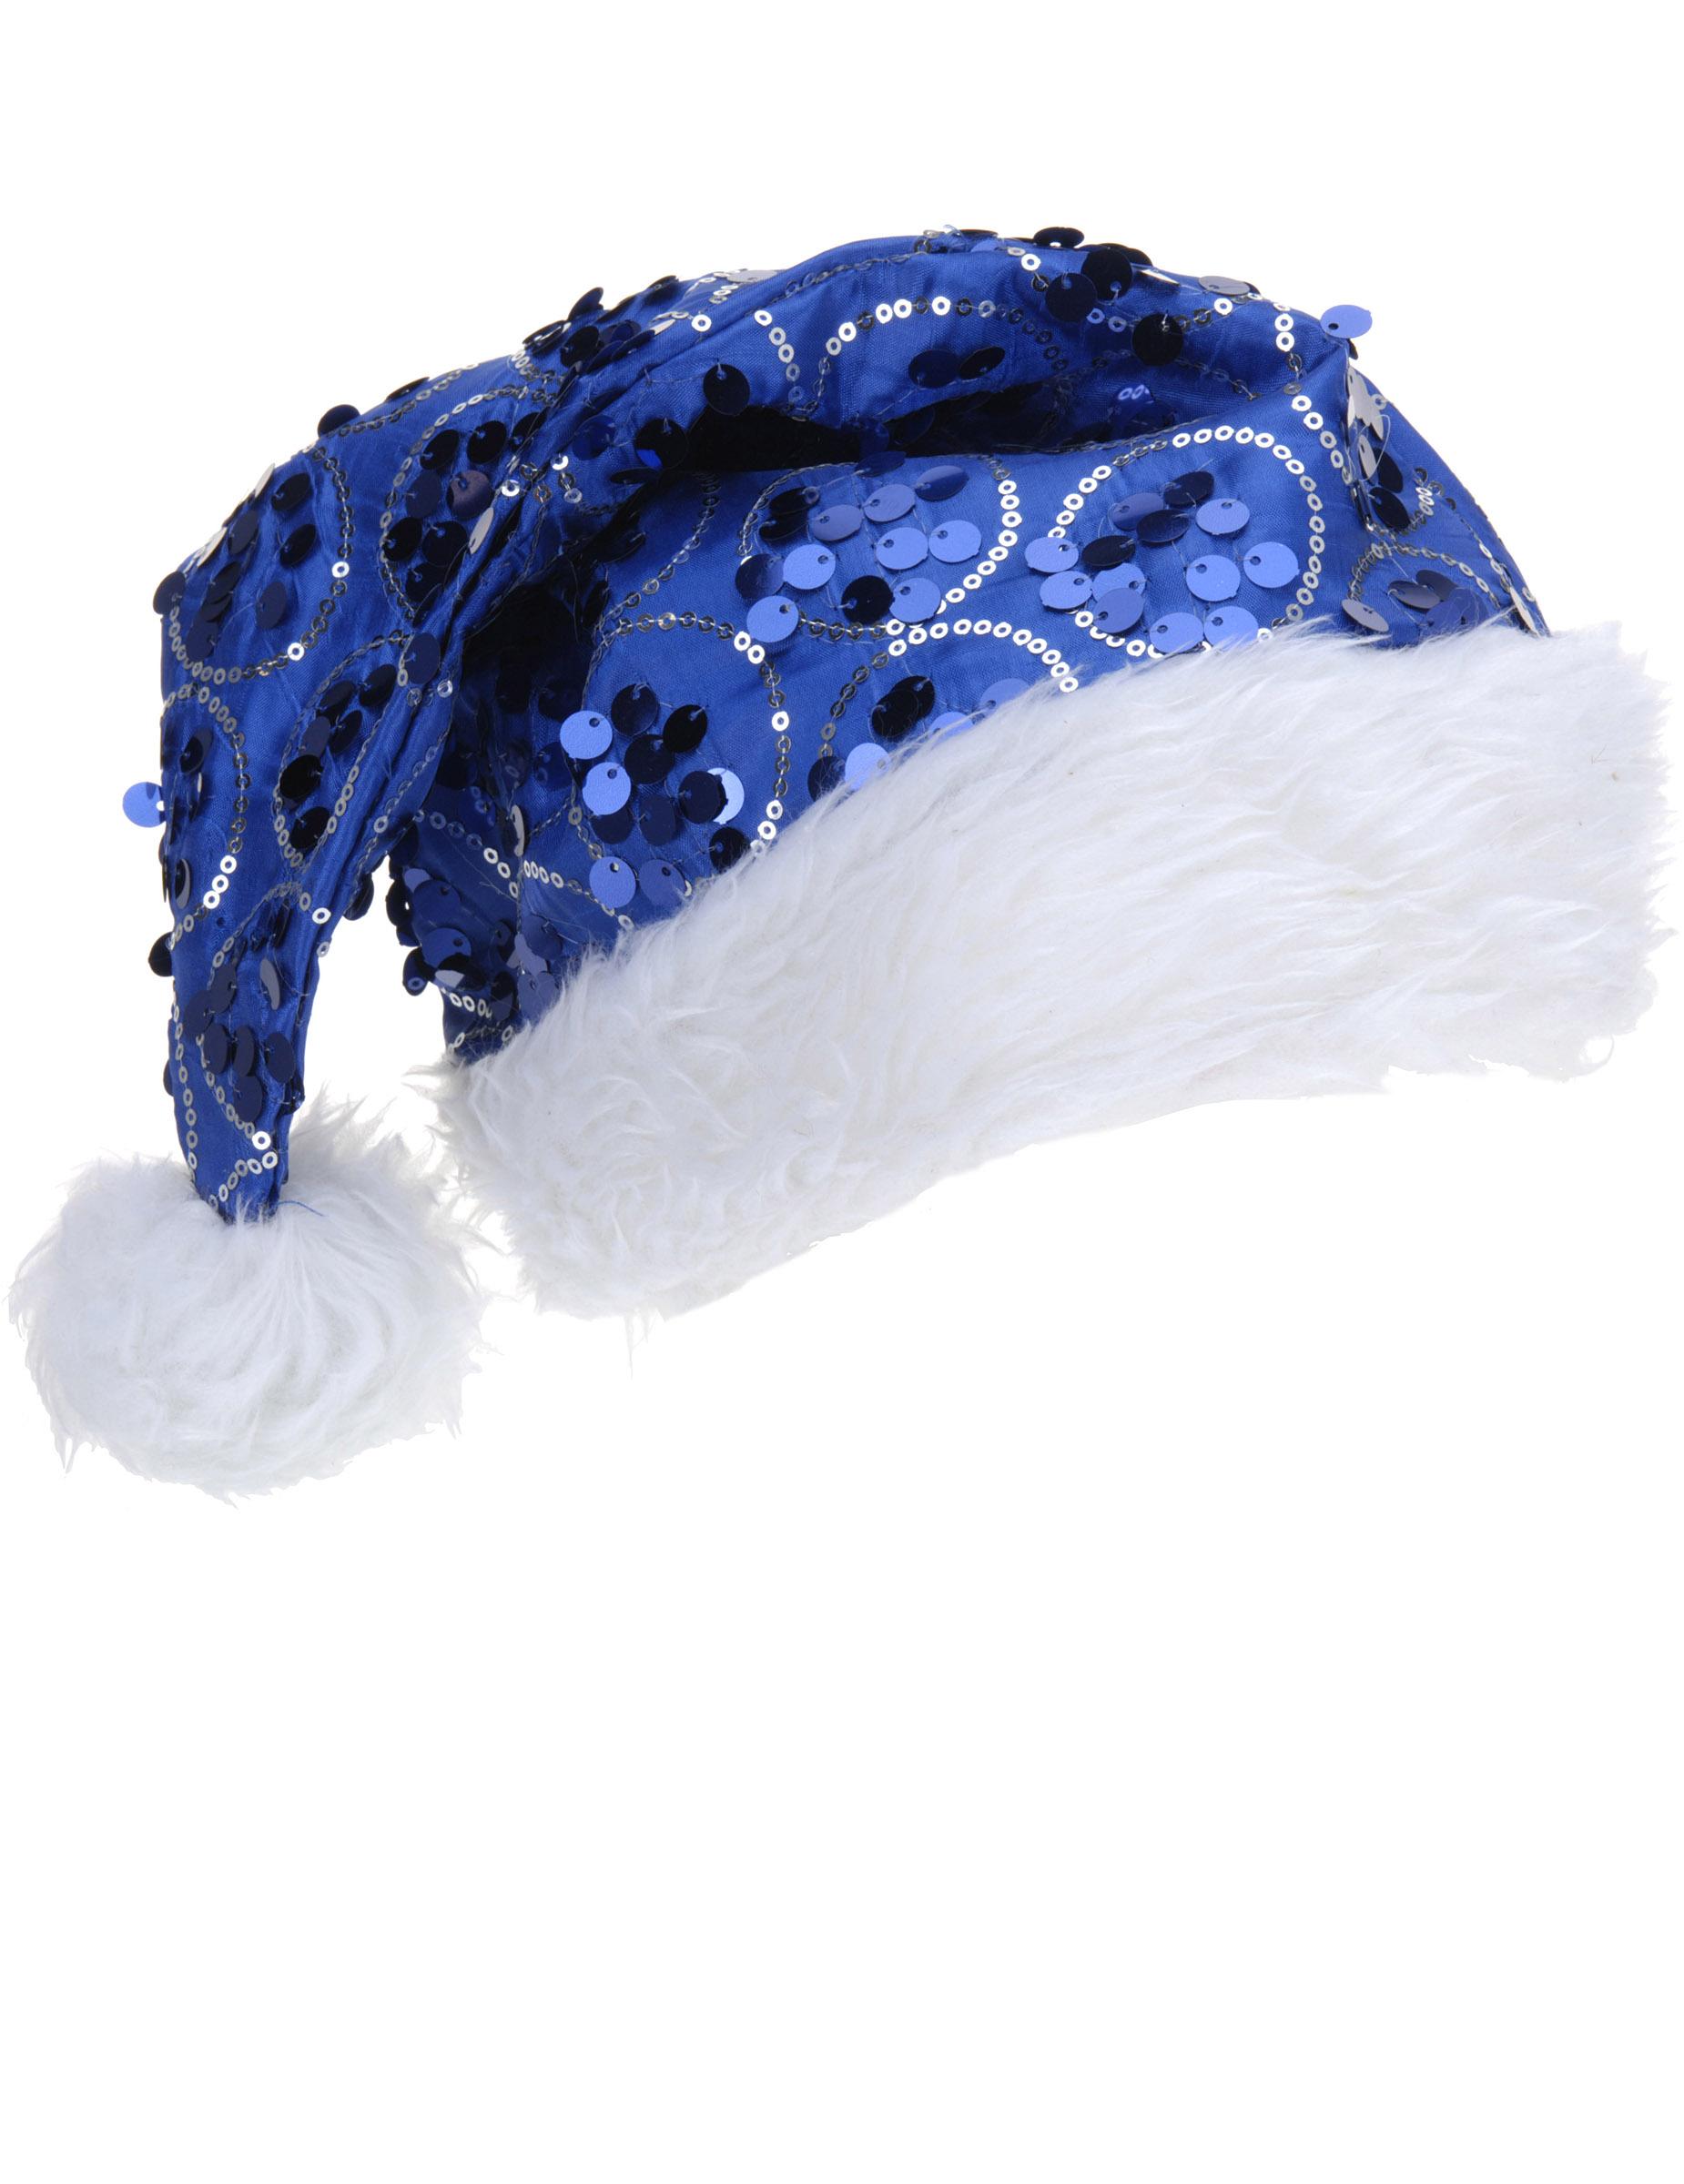 pailletten weihnachtsm tze weihnachtsmann m tze blau weiss. Black Bedroom Furniture Sets. Home Design Ideas